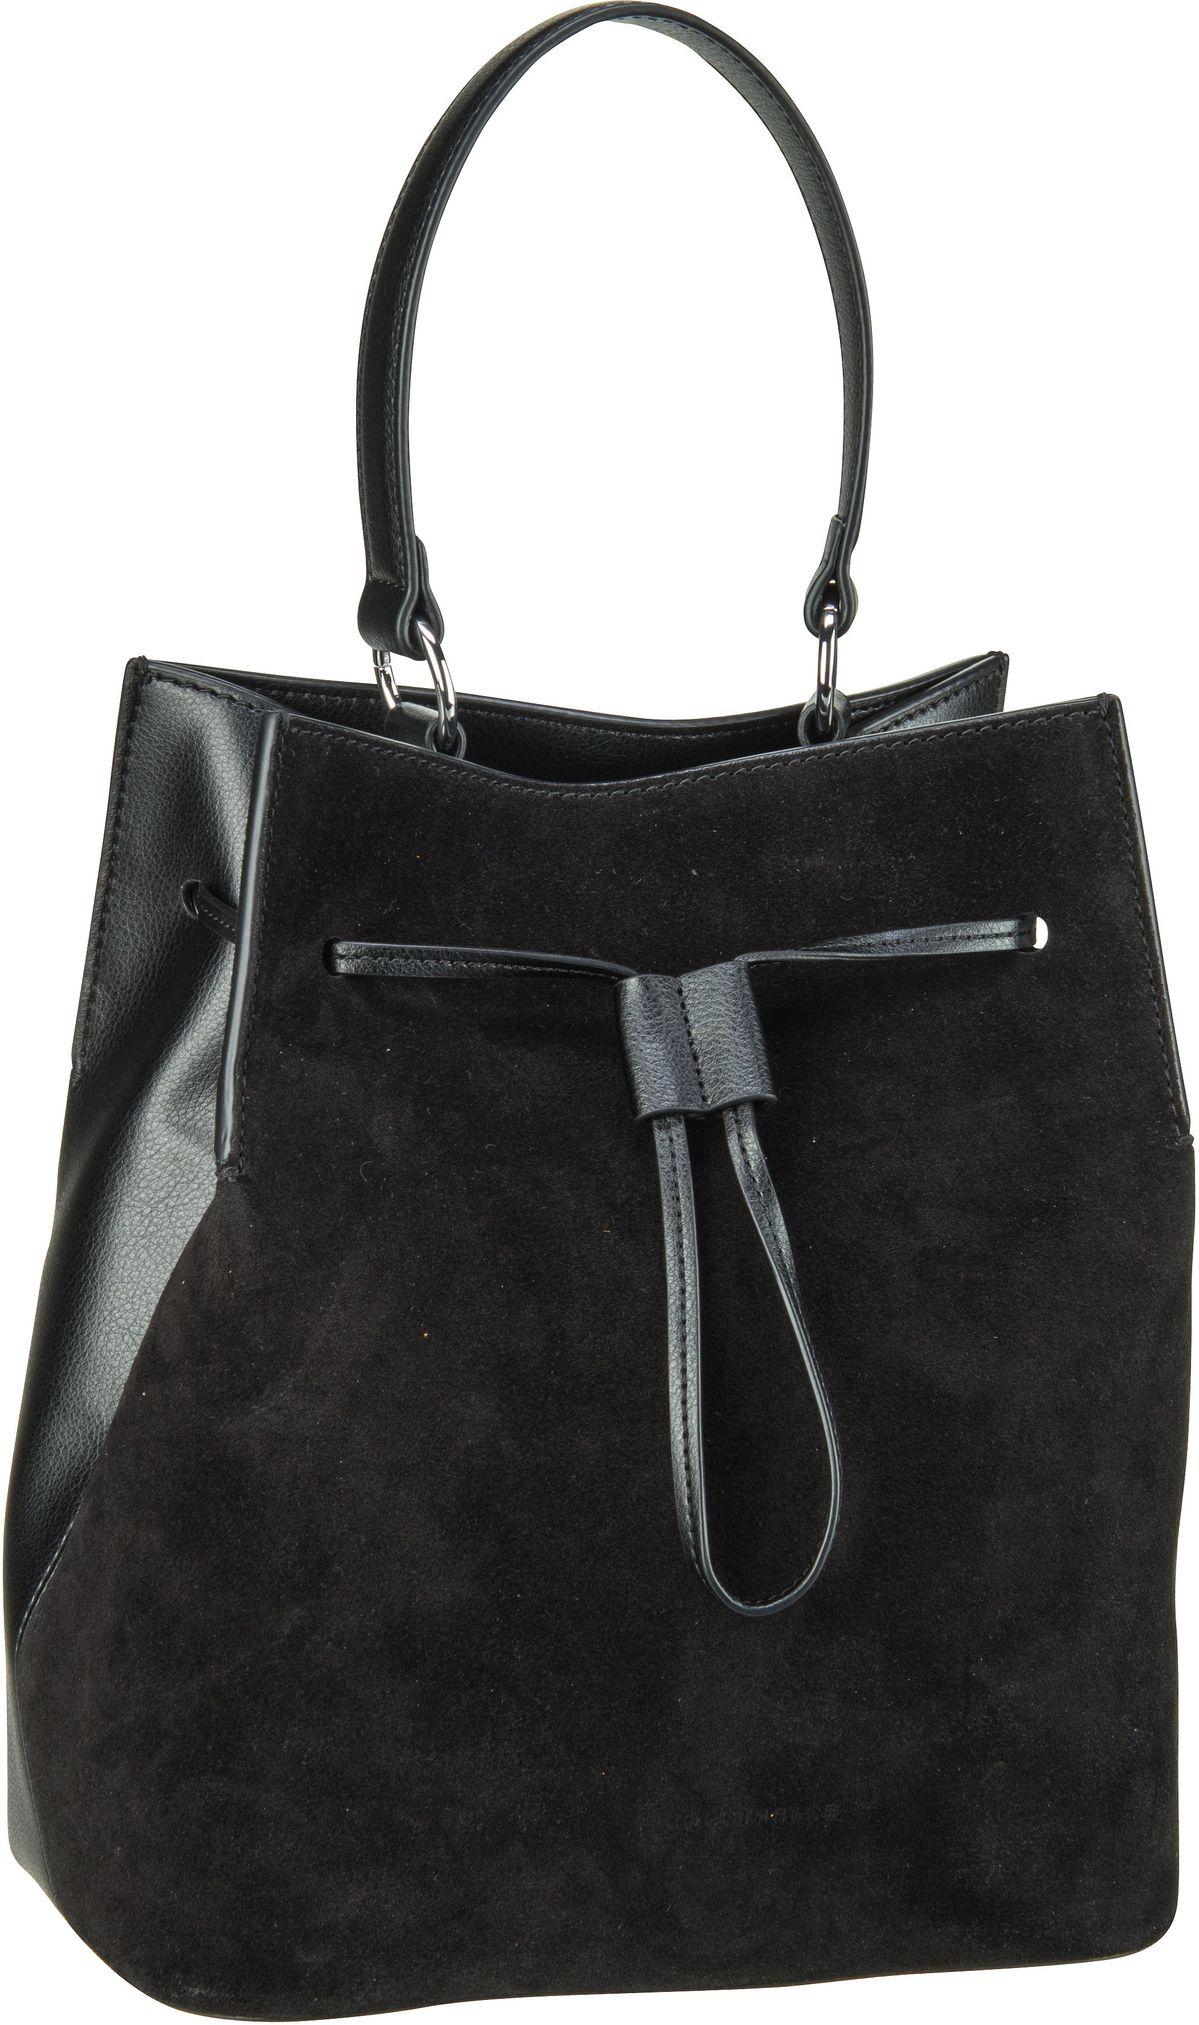 Handtasche Sandy Bimaterial 2301 Nero